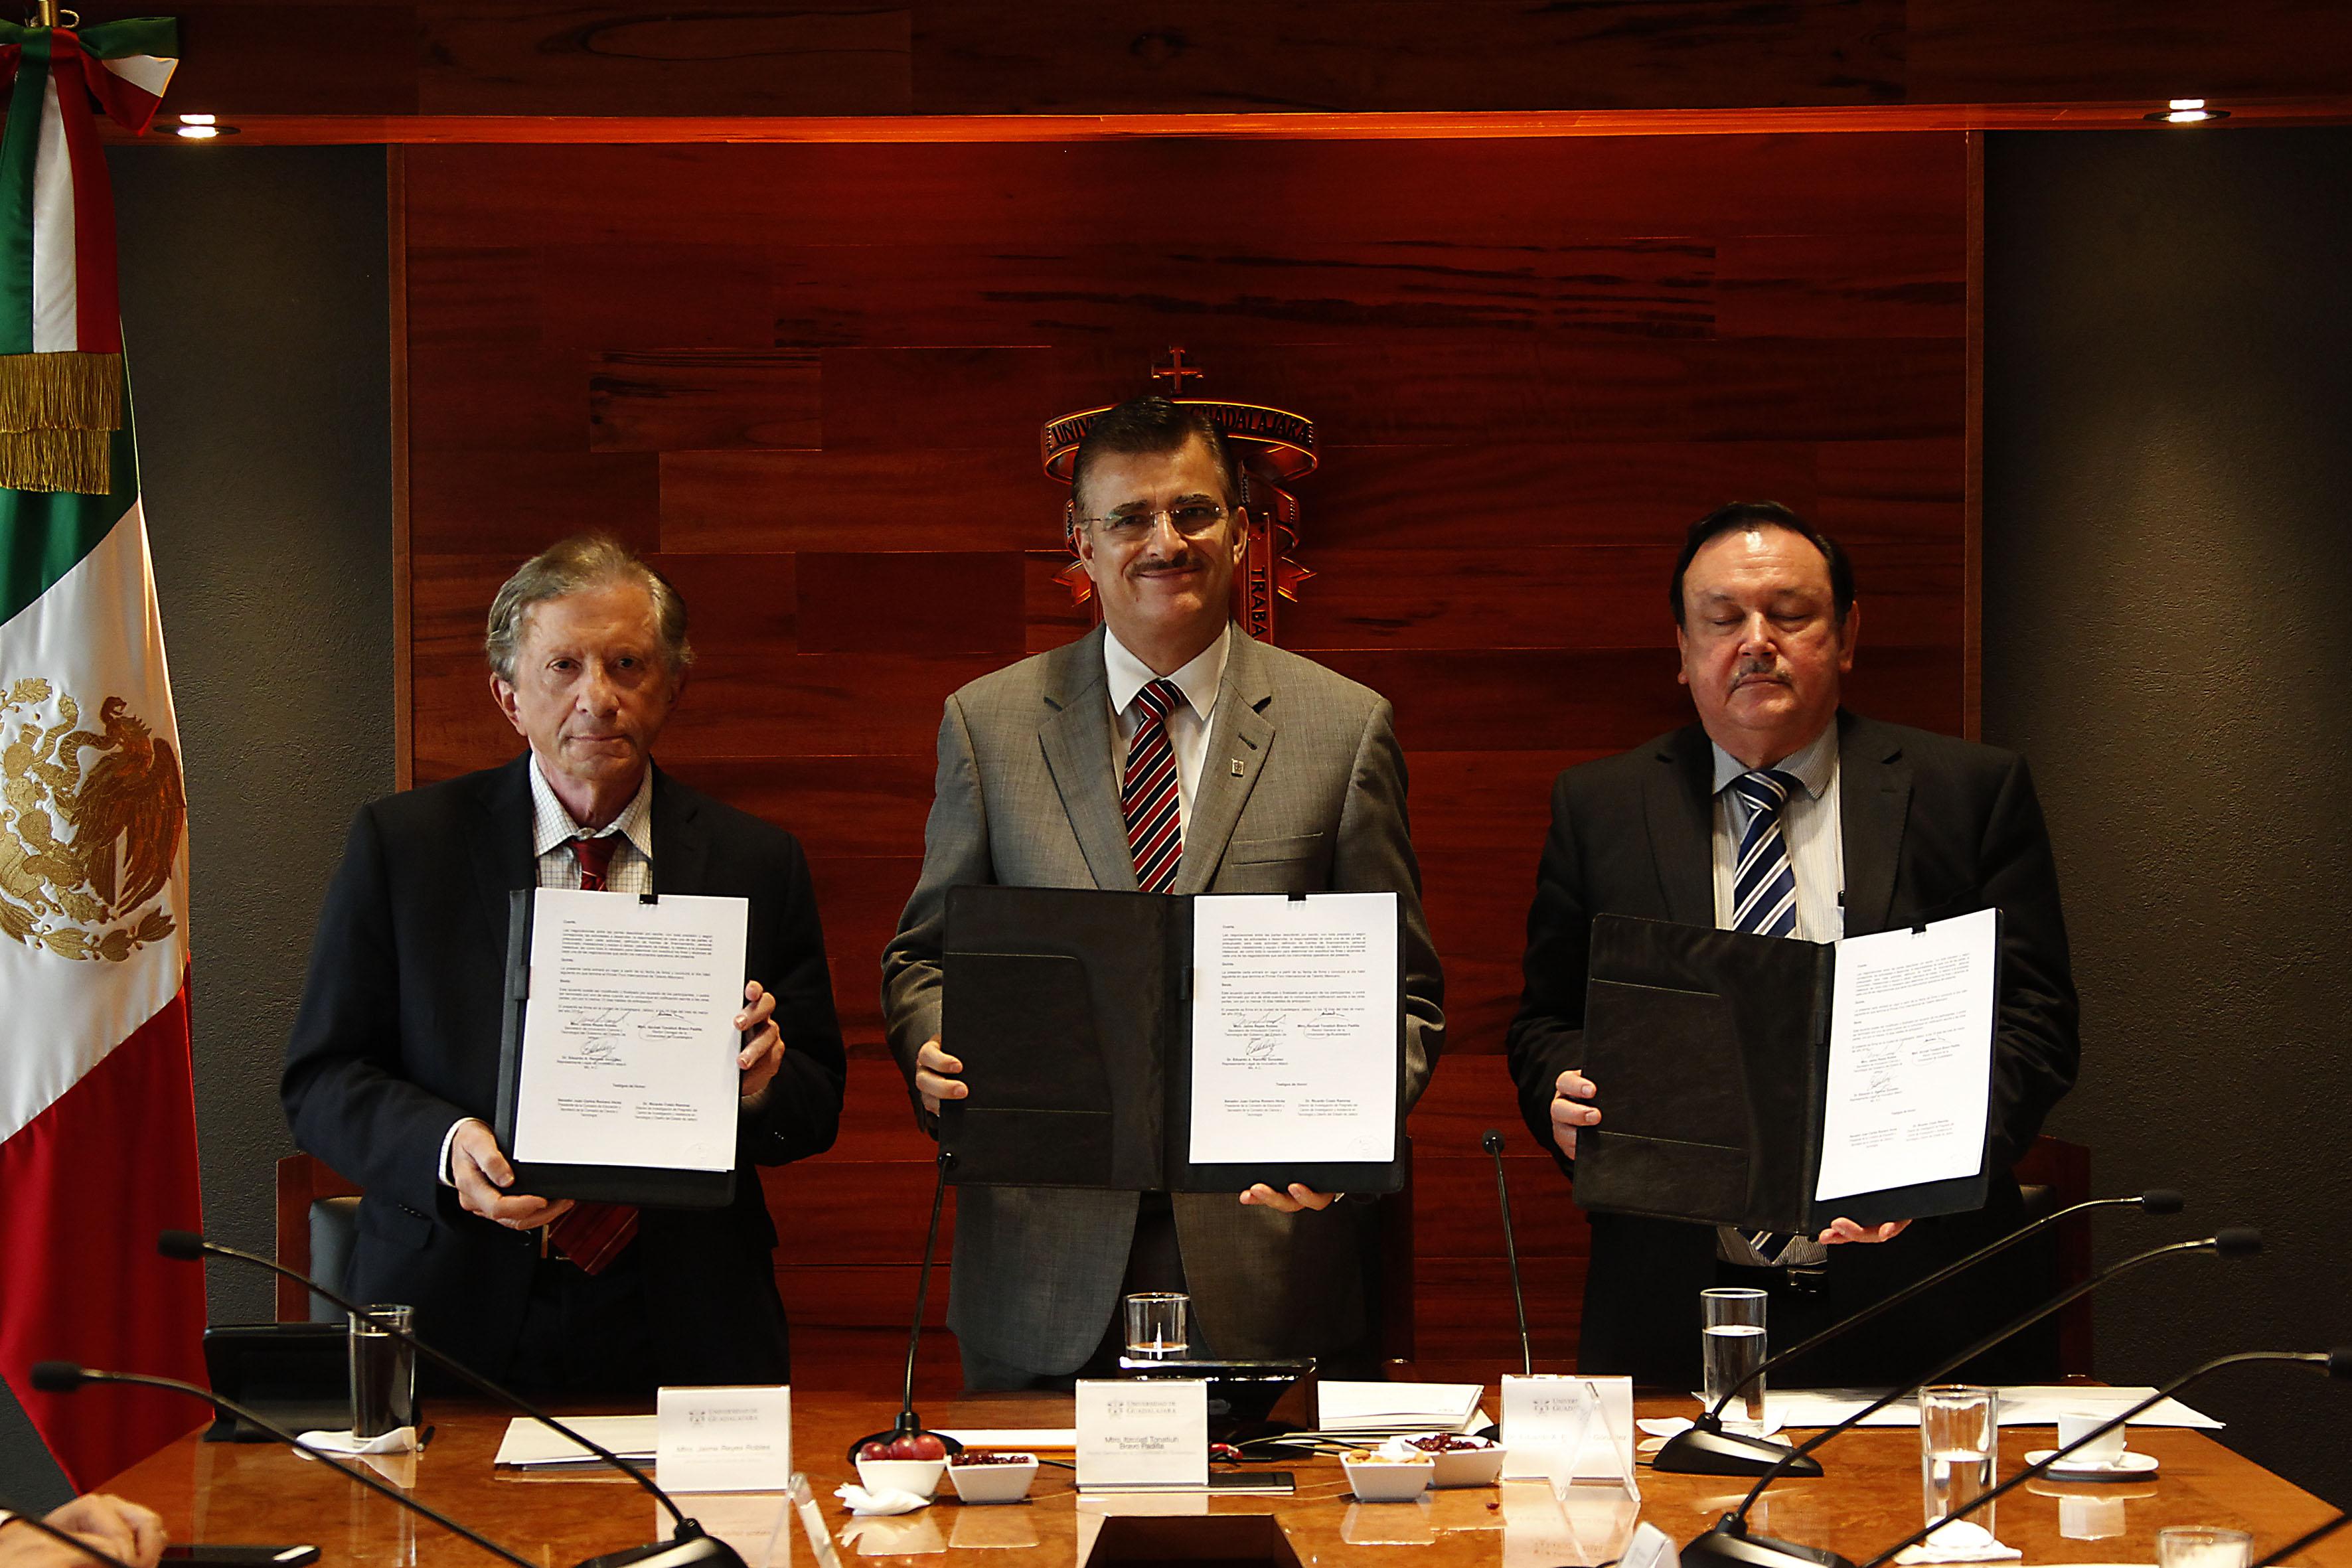 Rector general Itzcóatl Tonatiuh Bravo Padilla en firma Carta de Intención con la Secretaría de Innovación, Ciencia y Tecnología de Jalisco e Innovation Match MX